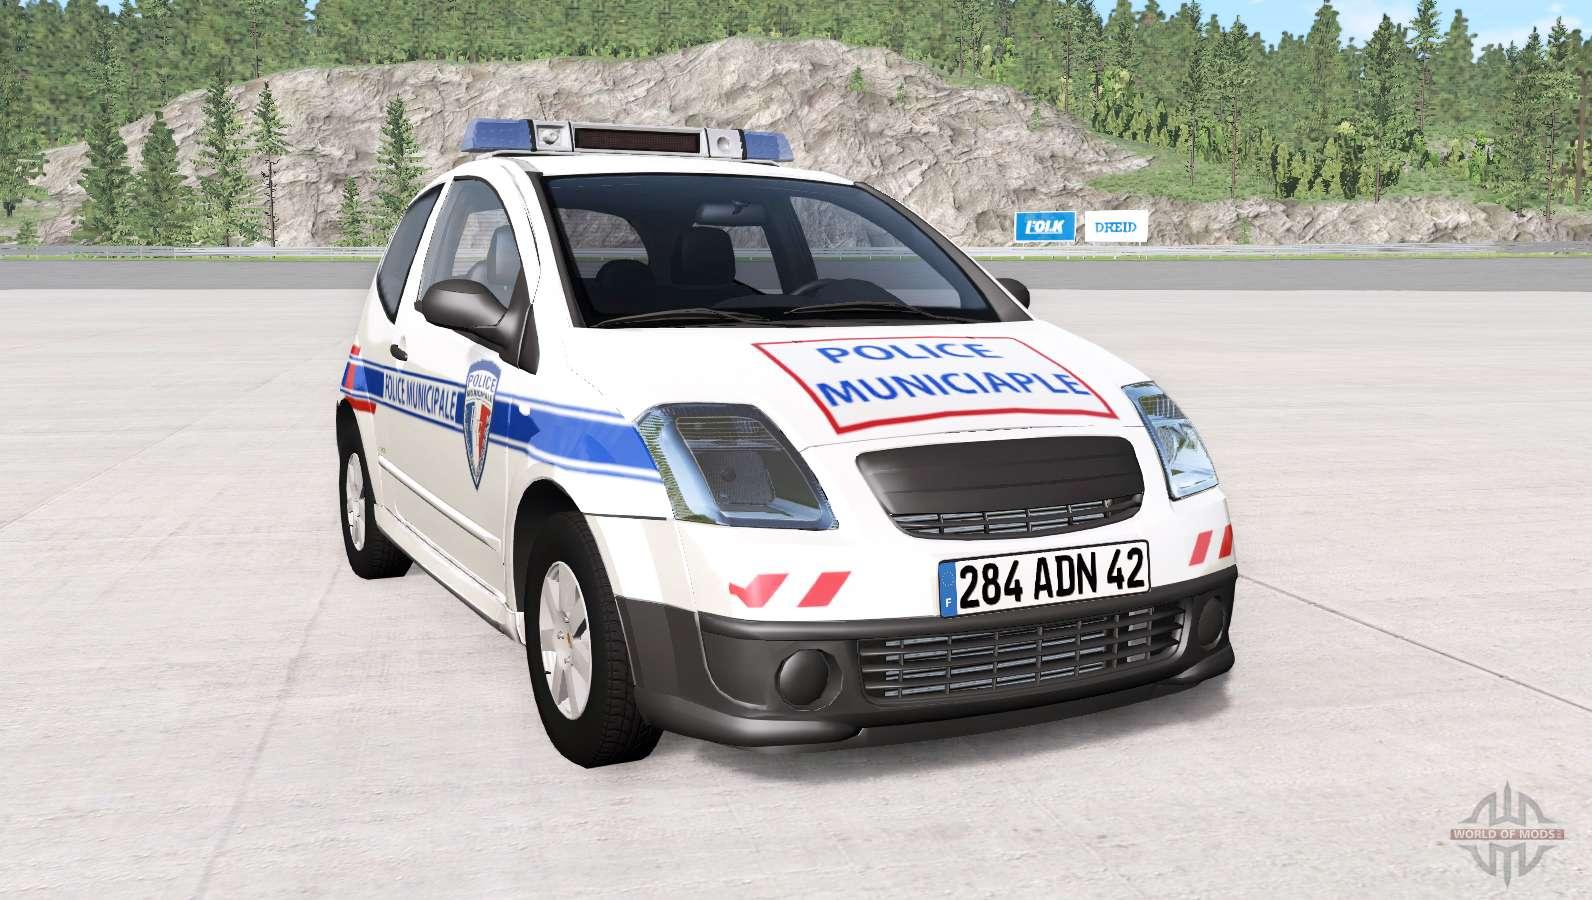 citroen c2 police skins pack for beamng drive. Black Bedroom Furniture Sets. Home Design Ideas